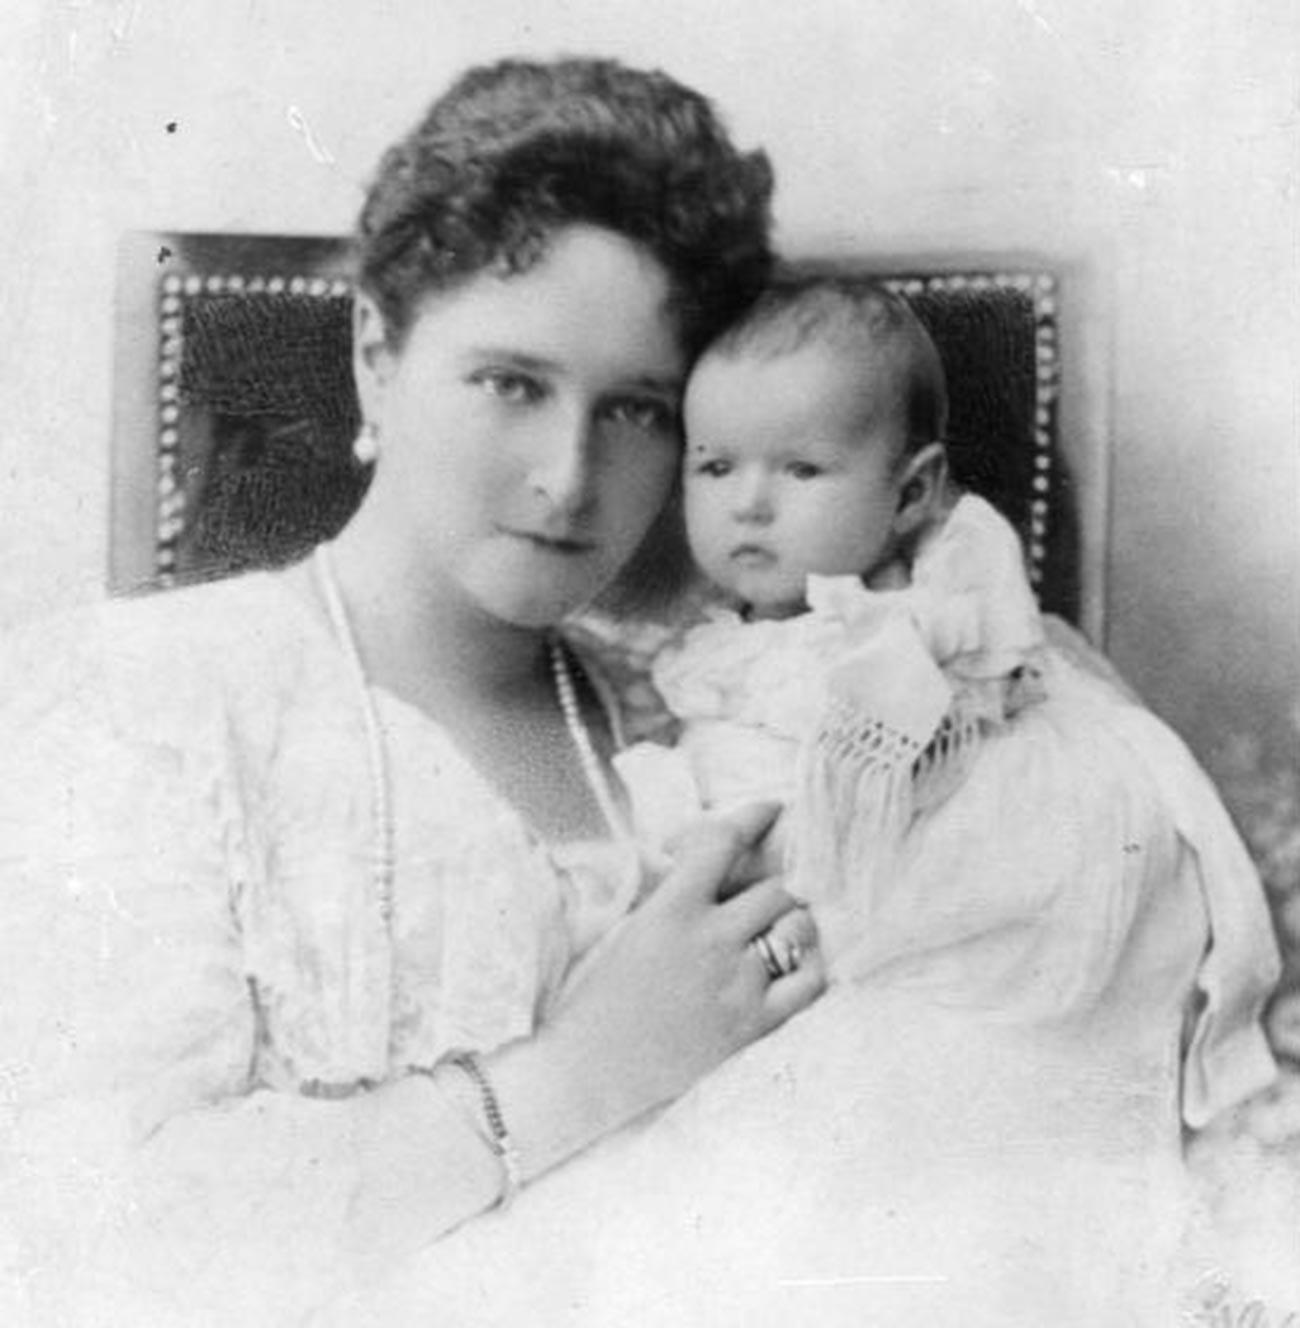 L'imperatrice Aleksandra Fyodorovna, moglie dello zar Nicola II, con la figlia Anastasia